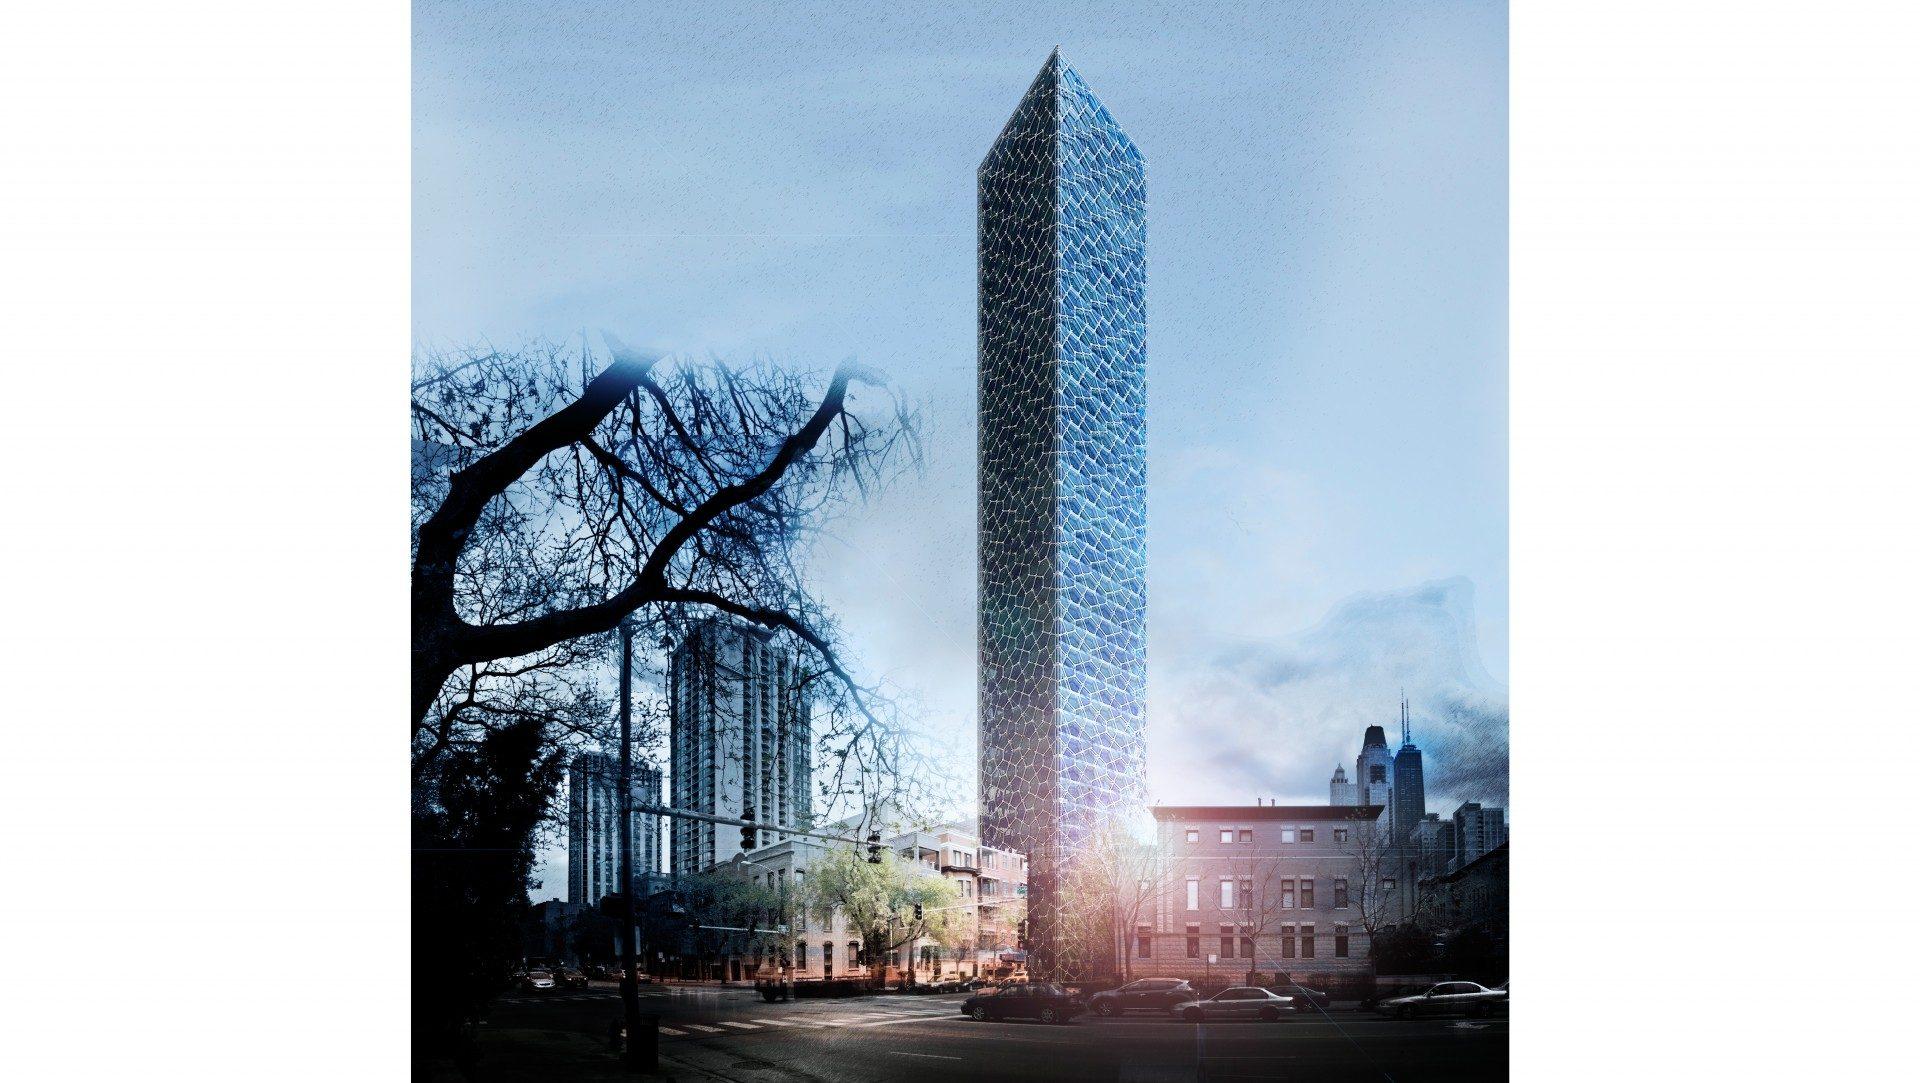 112 W Oak St Tower rendering 1